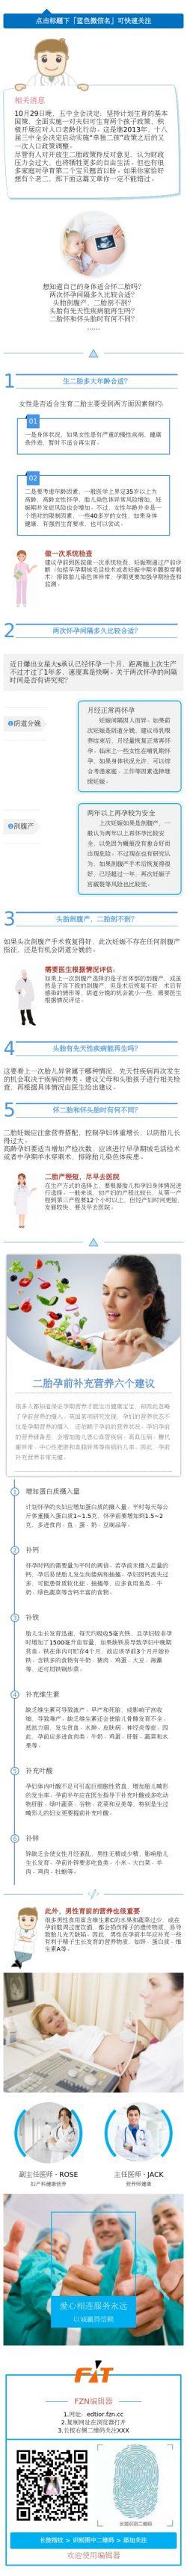 淡蓝色清新医药养生健康类公众号文章模板